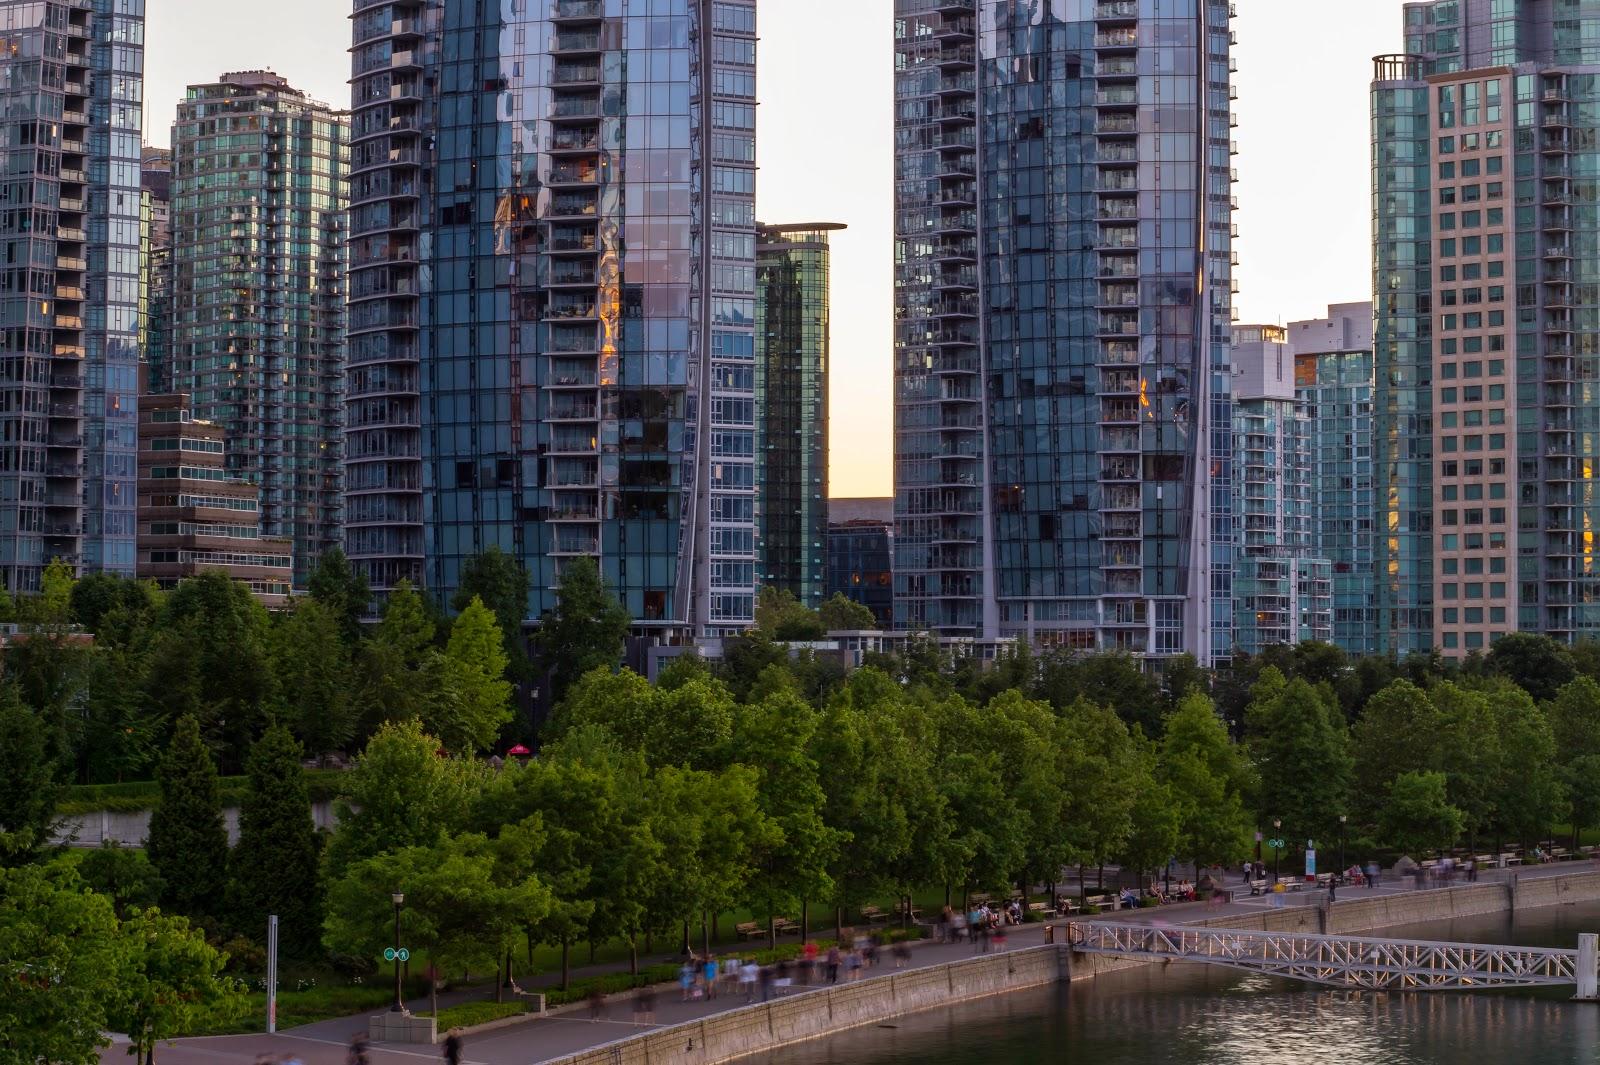 В отличии от Торонто и Калгари, в даунтауне Ванкувера всегда очень людно, и в будни и в выходные.